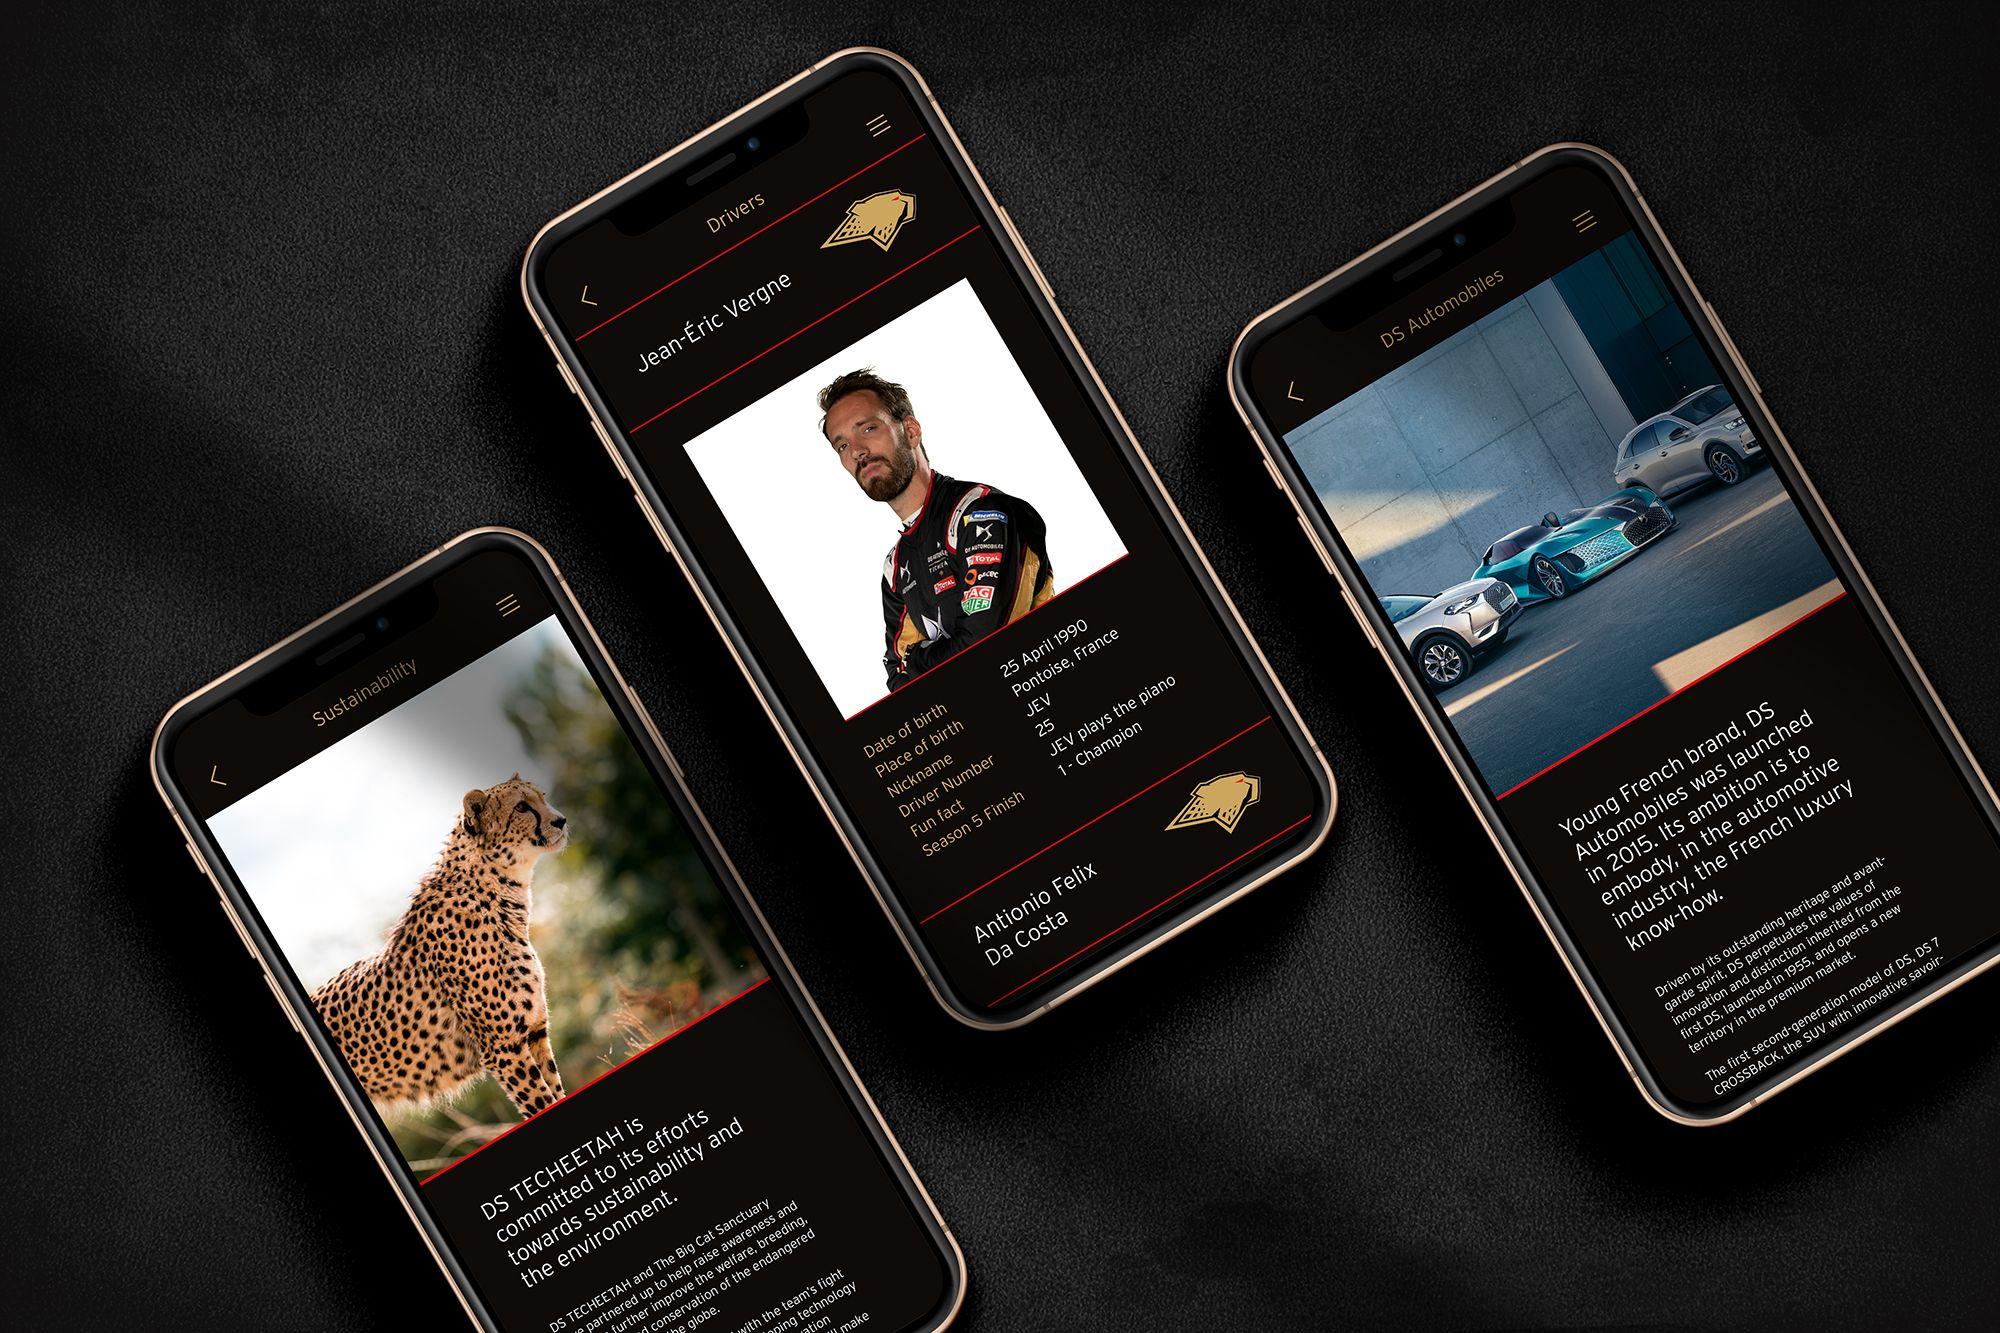 mobile motorsport app